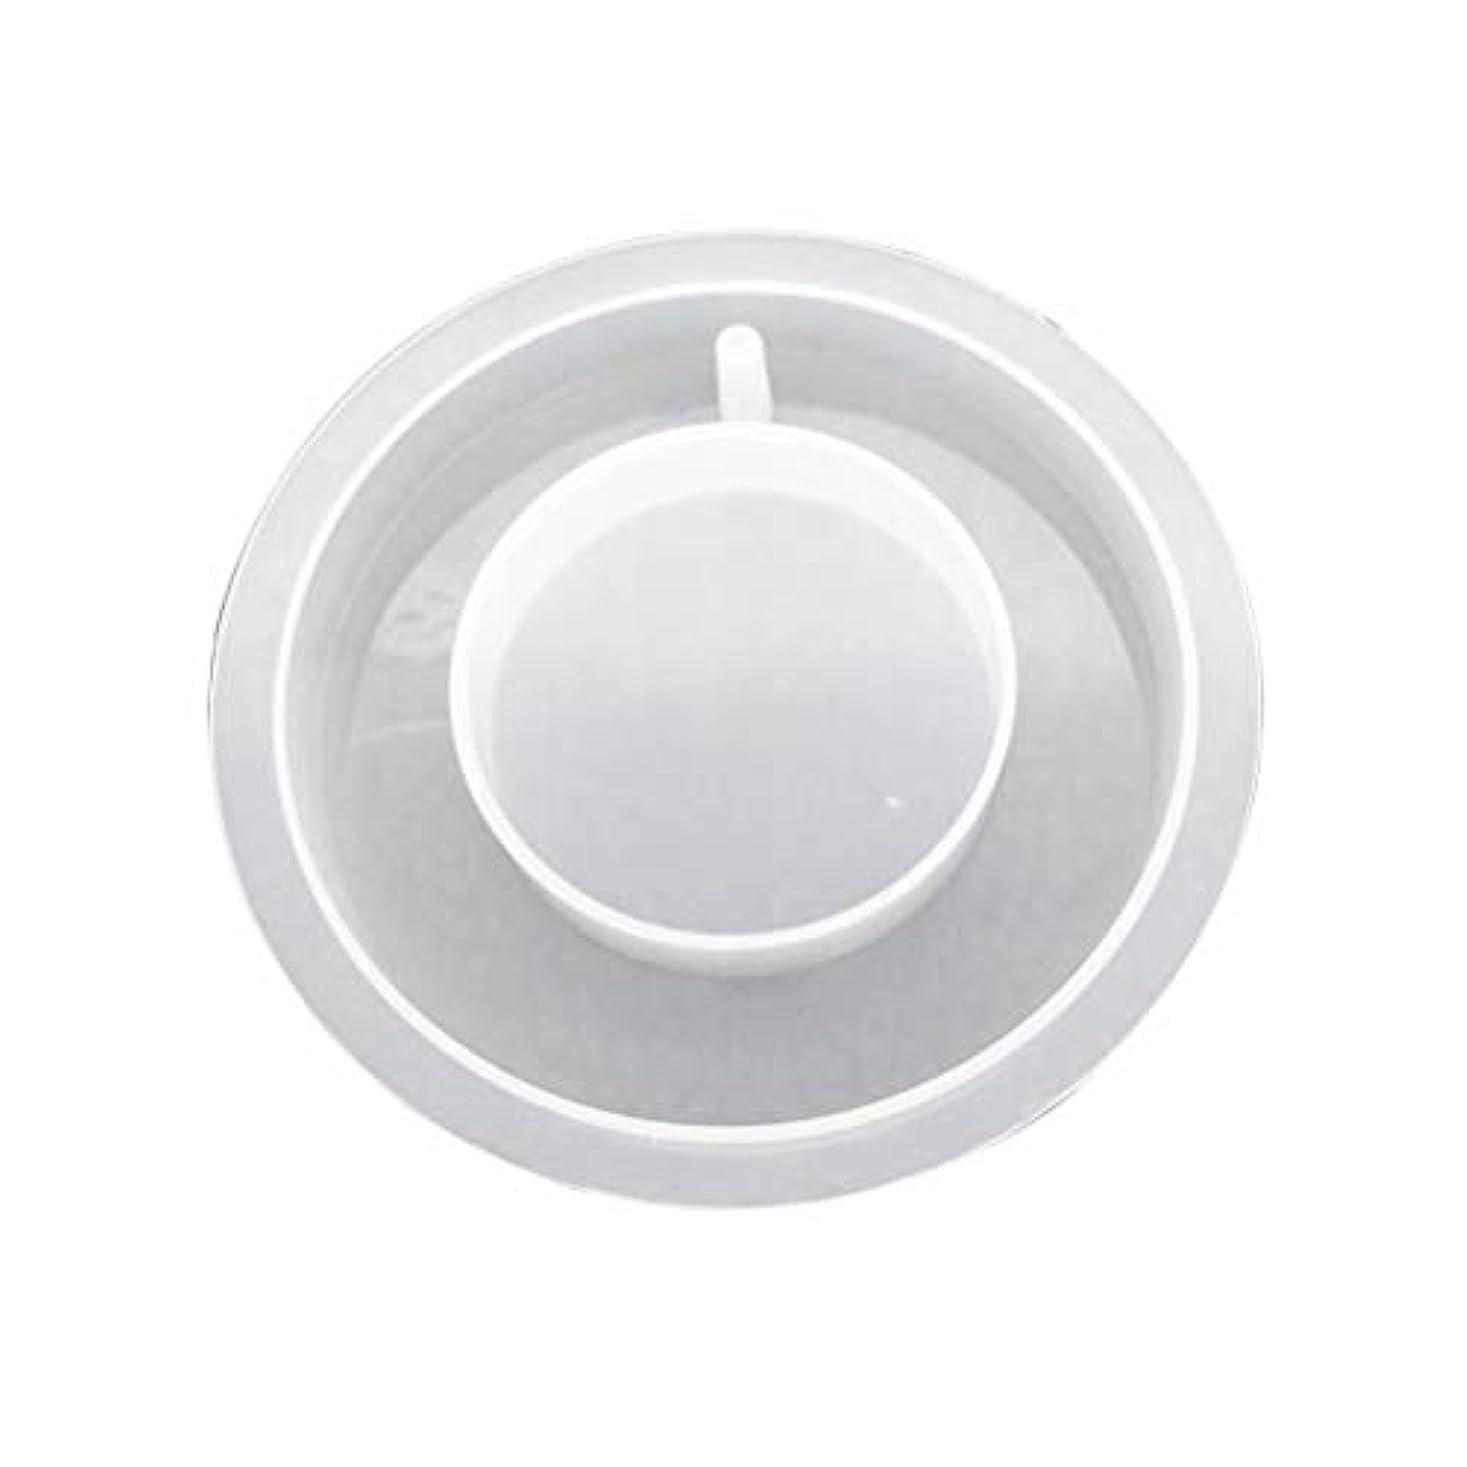 歯科医定期的ペリスコープSUPVOX 樹脂シリコーンリング形状ペンダントクリスタルエポキシ金型でぶら下げ穴石鹸キャンドル用diyギフトジュエリーネックレスペンダント作り